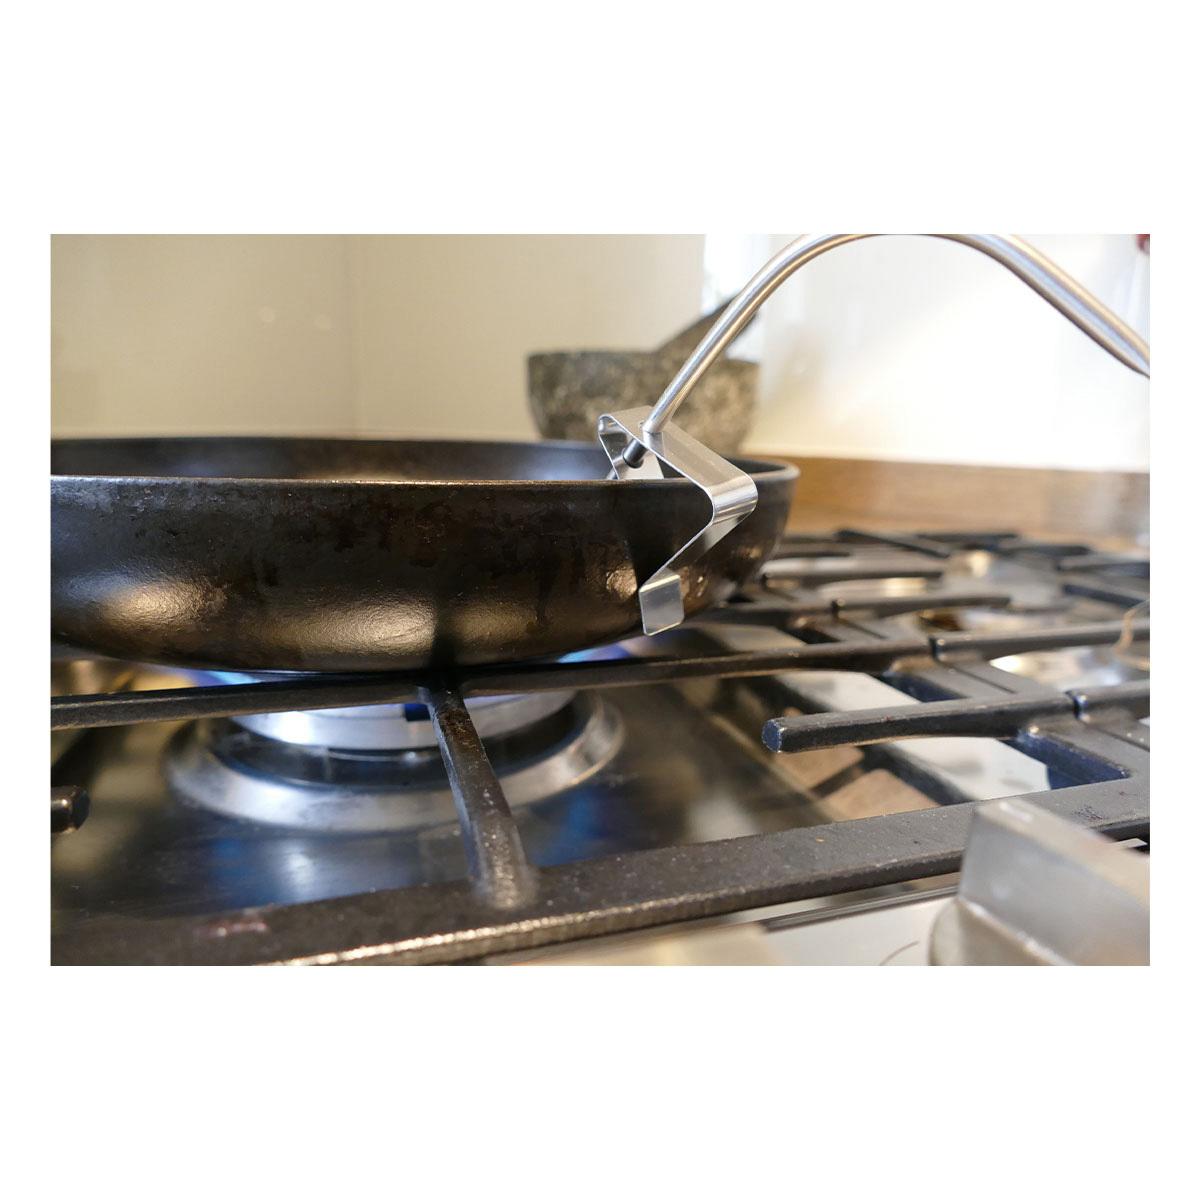 30-3525-60-clips-für-grill-bratenthermometer-anwendung-pfanne-1200x1200px.jpg